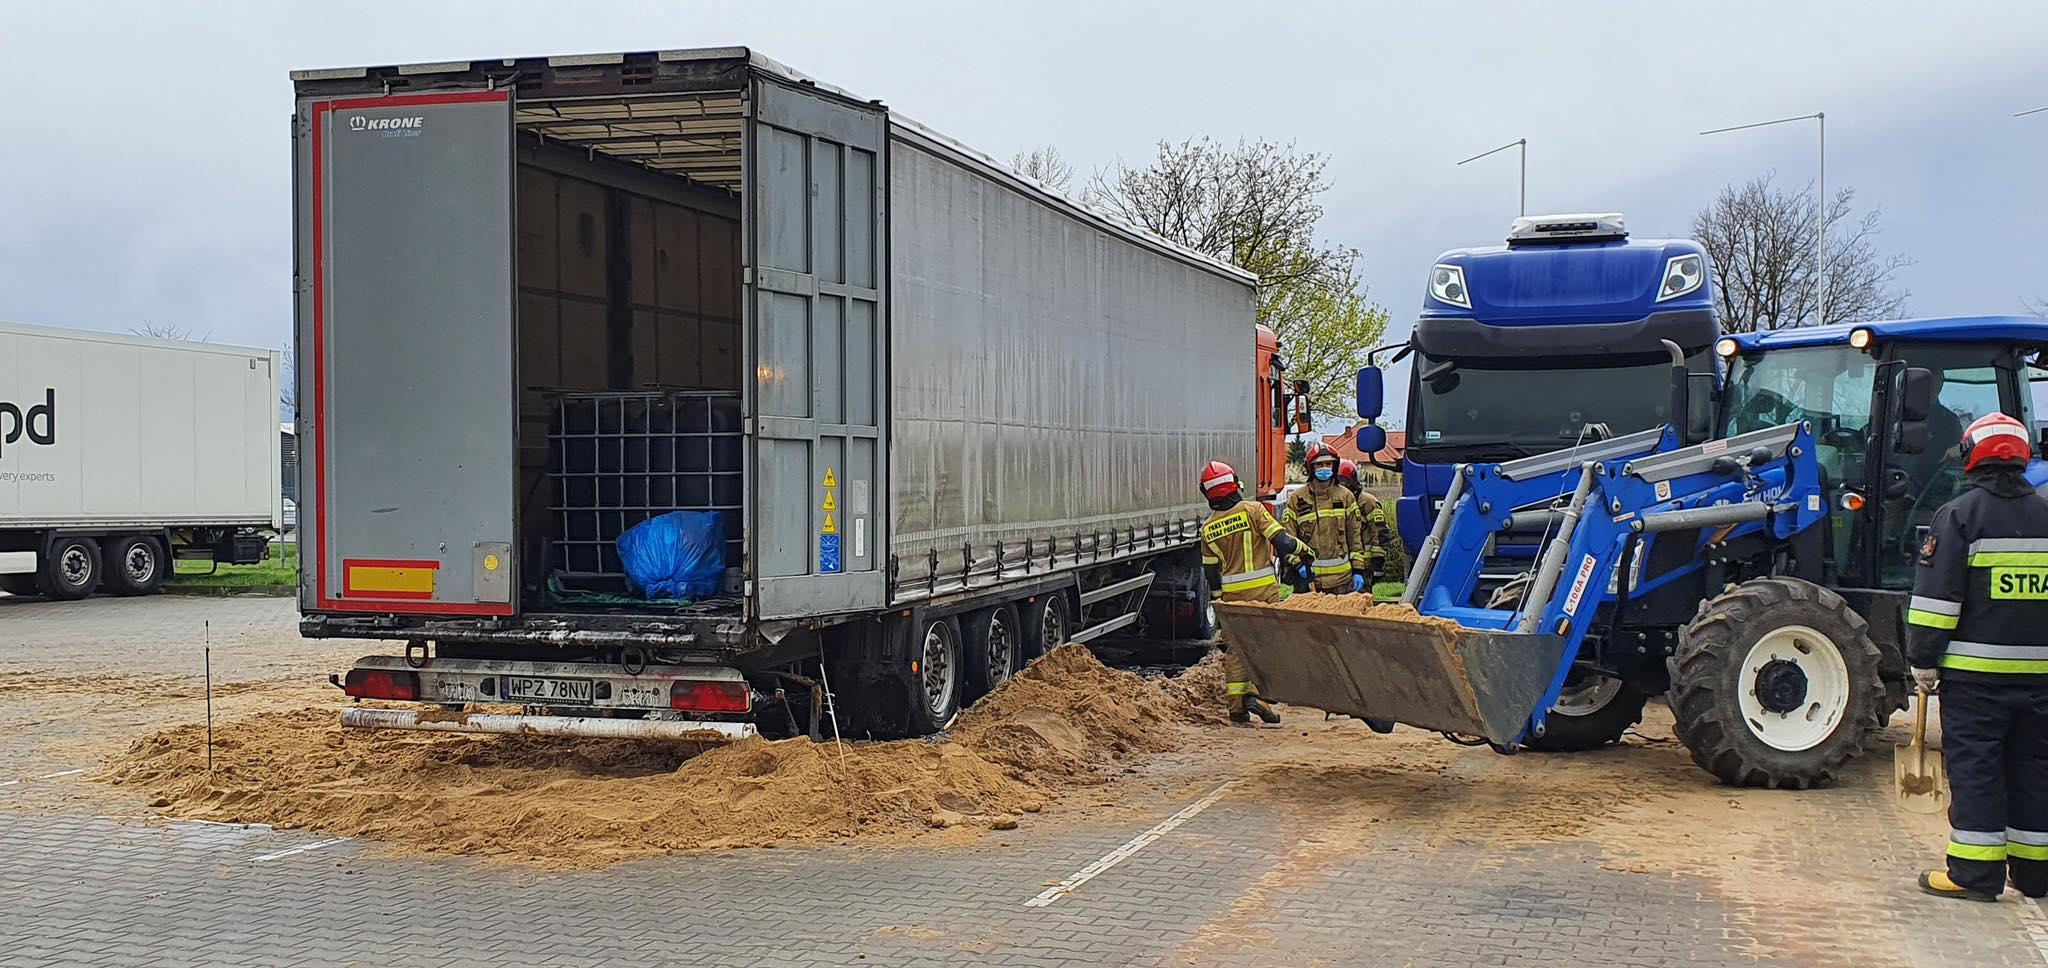 Podejrzani o podrzucenie ciężarówki z kwasem zatrzymani - Zdjęcie główne